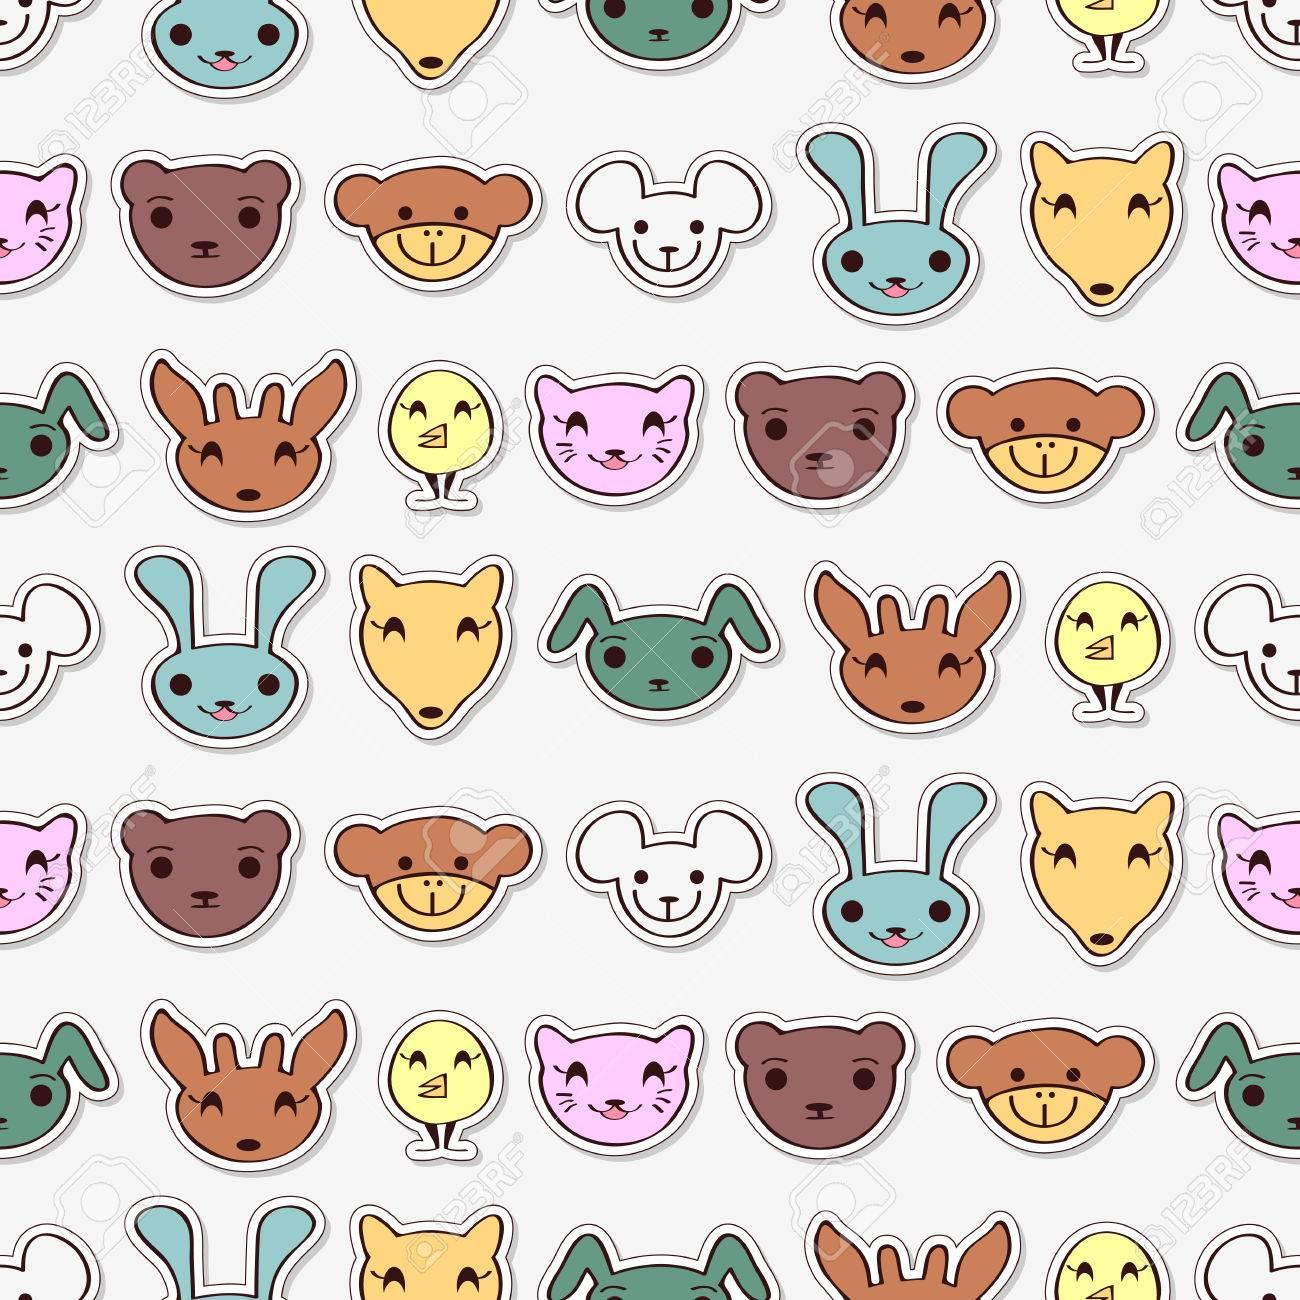 かわいい動物とのシームレスなパターン ベクトル壁紙 パターンの塗りつぶし Web ページの背景のシームレスなテクスチャに直面しています のイラスト素材 ベクタ Image